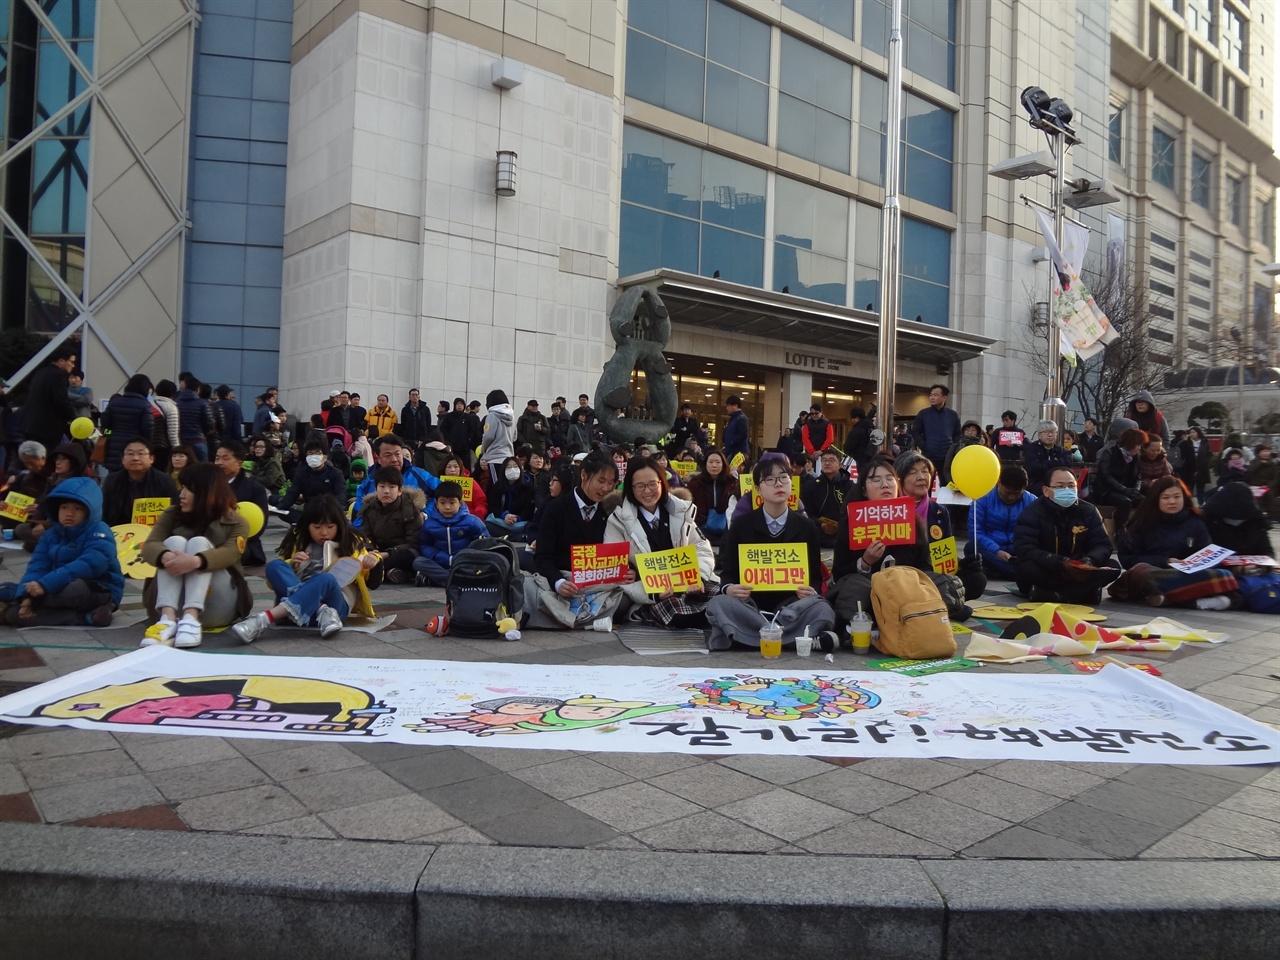 <탈핵울산시민대회>에 참가한 울산시민들 2017년 3월 11일에 열린 <탈핵울산시민대회>에서 시민들이 그어진 선 안에서 피켓시위를 하고있다.